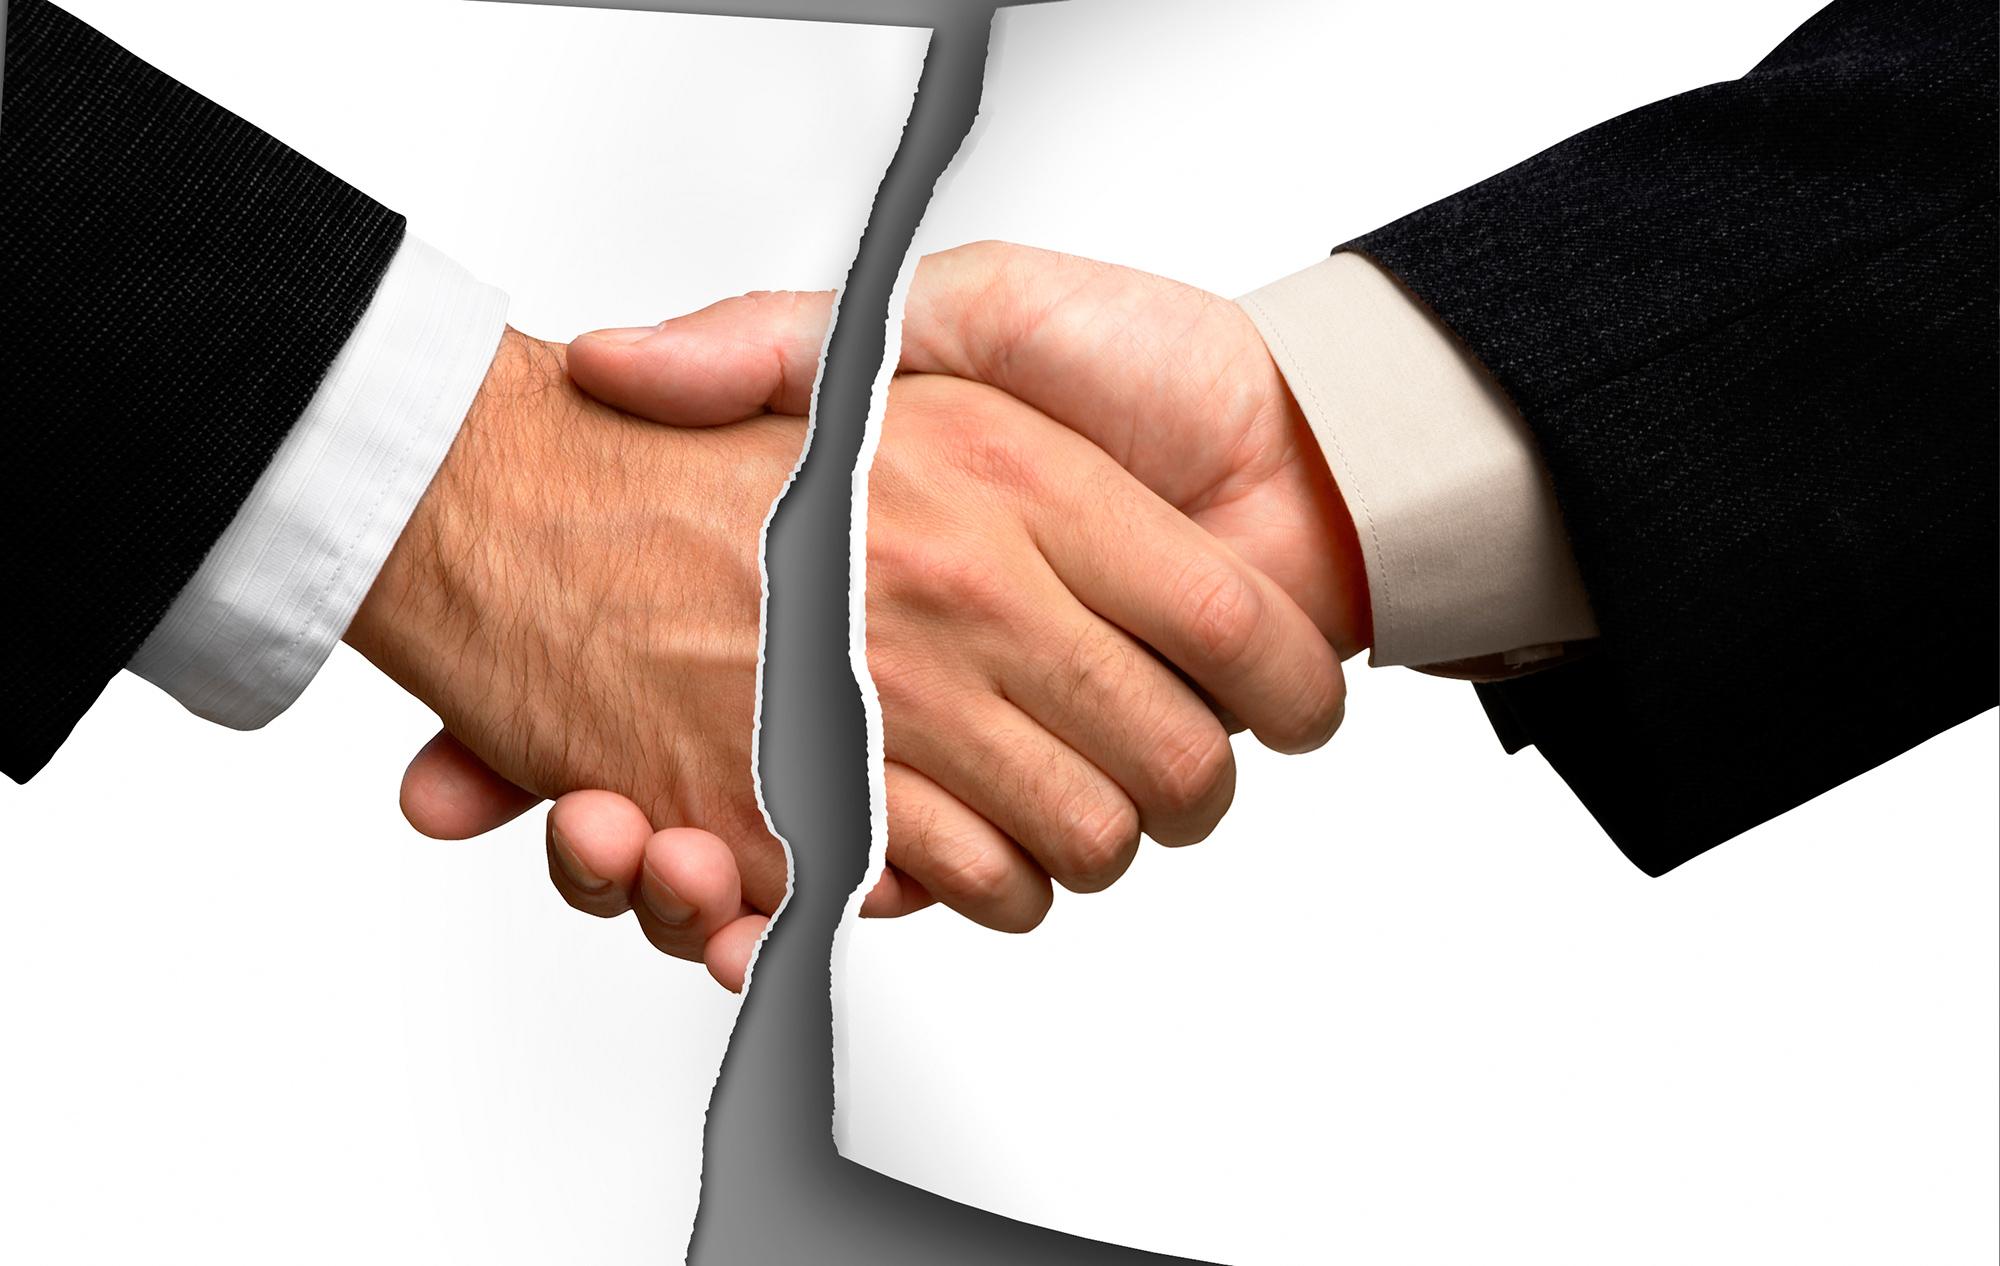 broken handshake